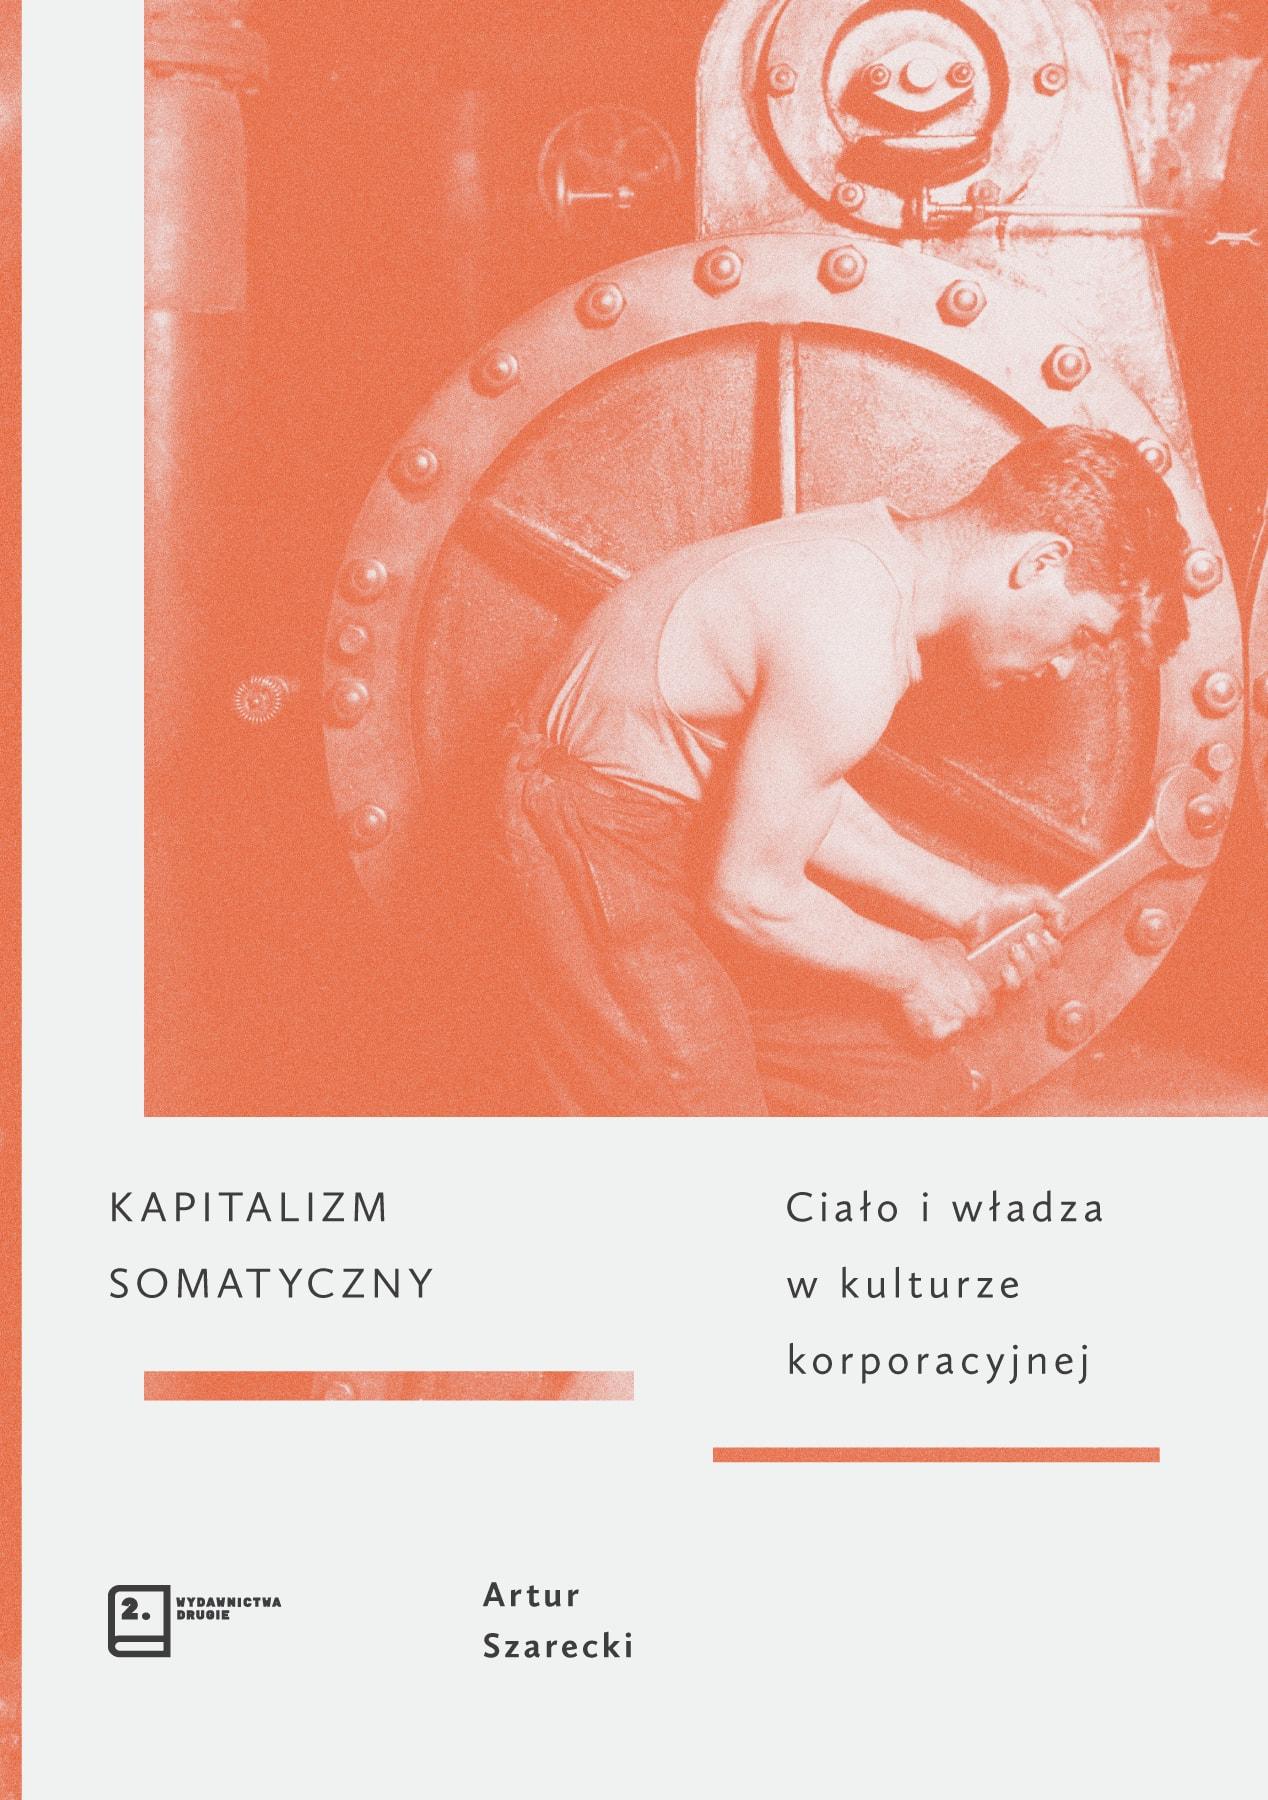 """Artur Szarecki """"Kapitalizm somatyczny: ciało i władza w kulturze korporacyjnej"""" (źródło: materiały prasowe wydawcy)"""